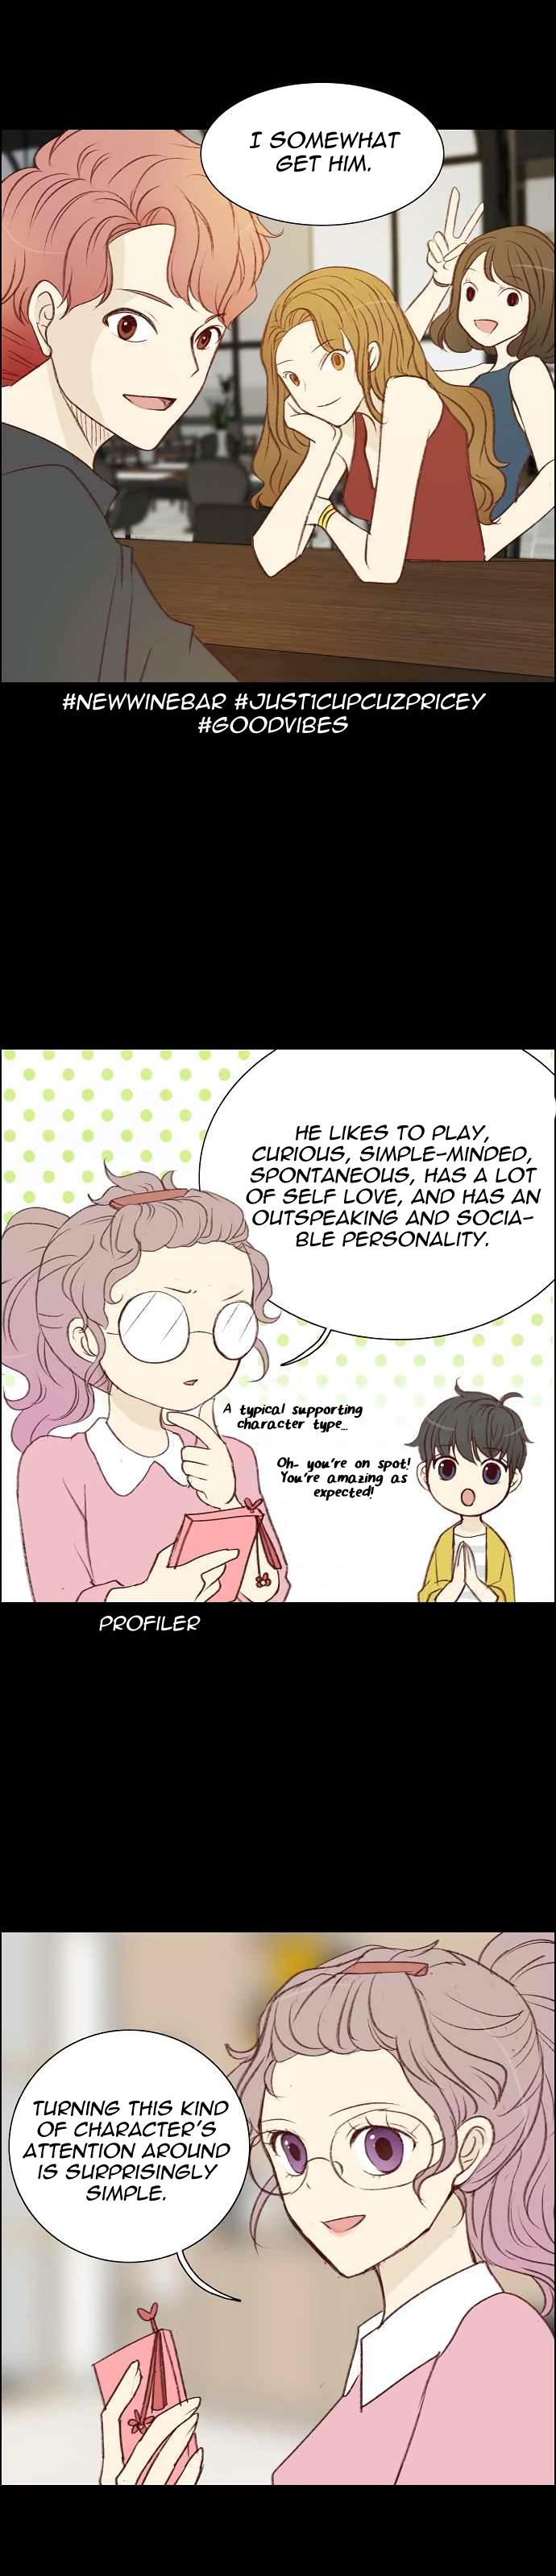 My Girlfriend Is A Real Man Chapter 38: Yuri's Wonderful Idea page 4 - Mangakakalots.com